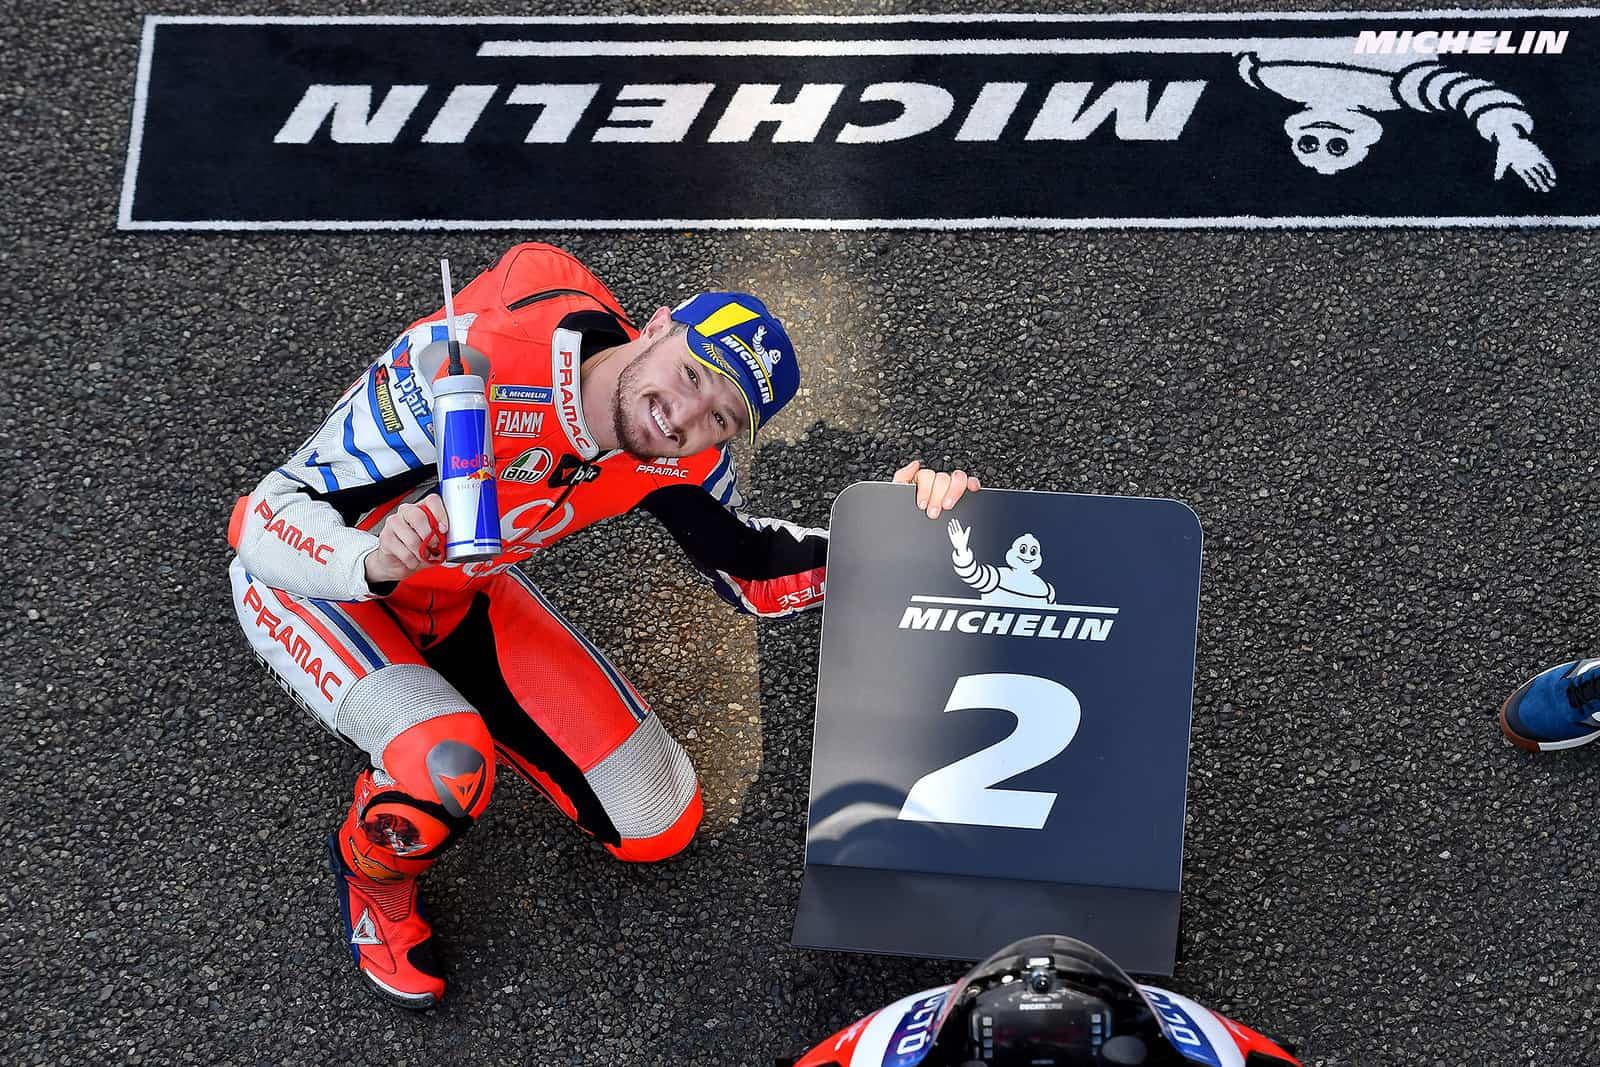 フランスGP 予選2位ジャック・ミラー「表彰台獲得のために全力を尽くす」